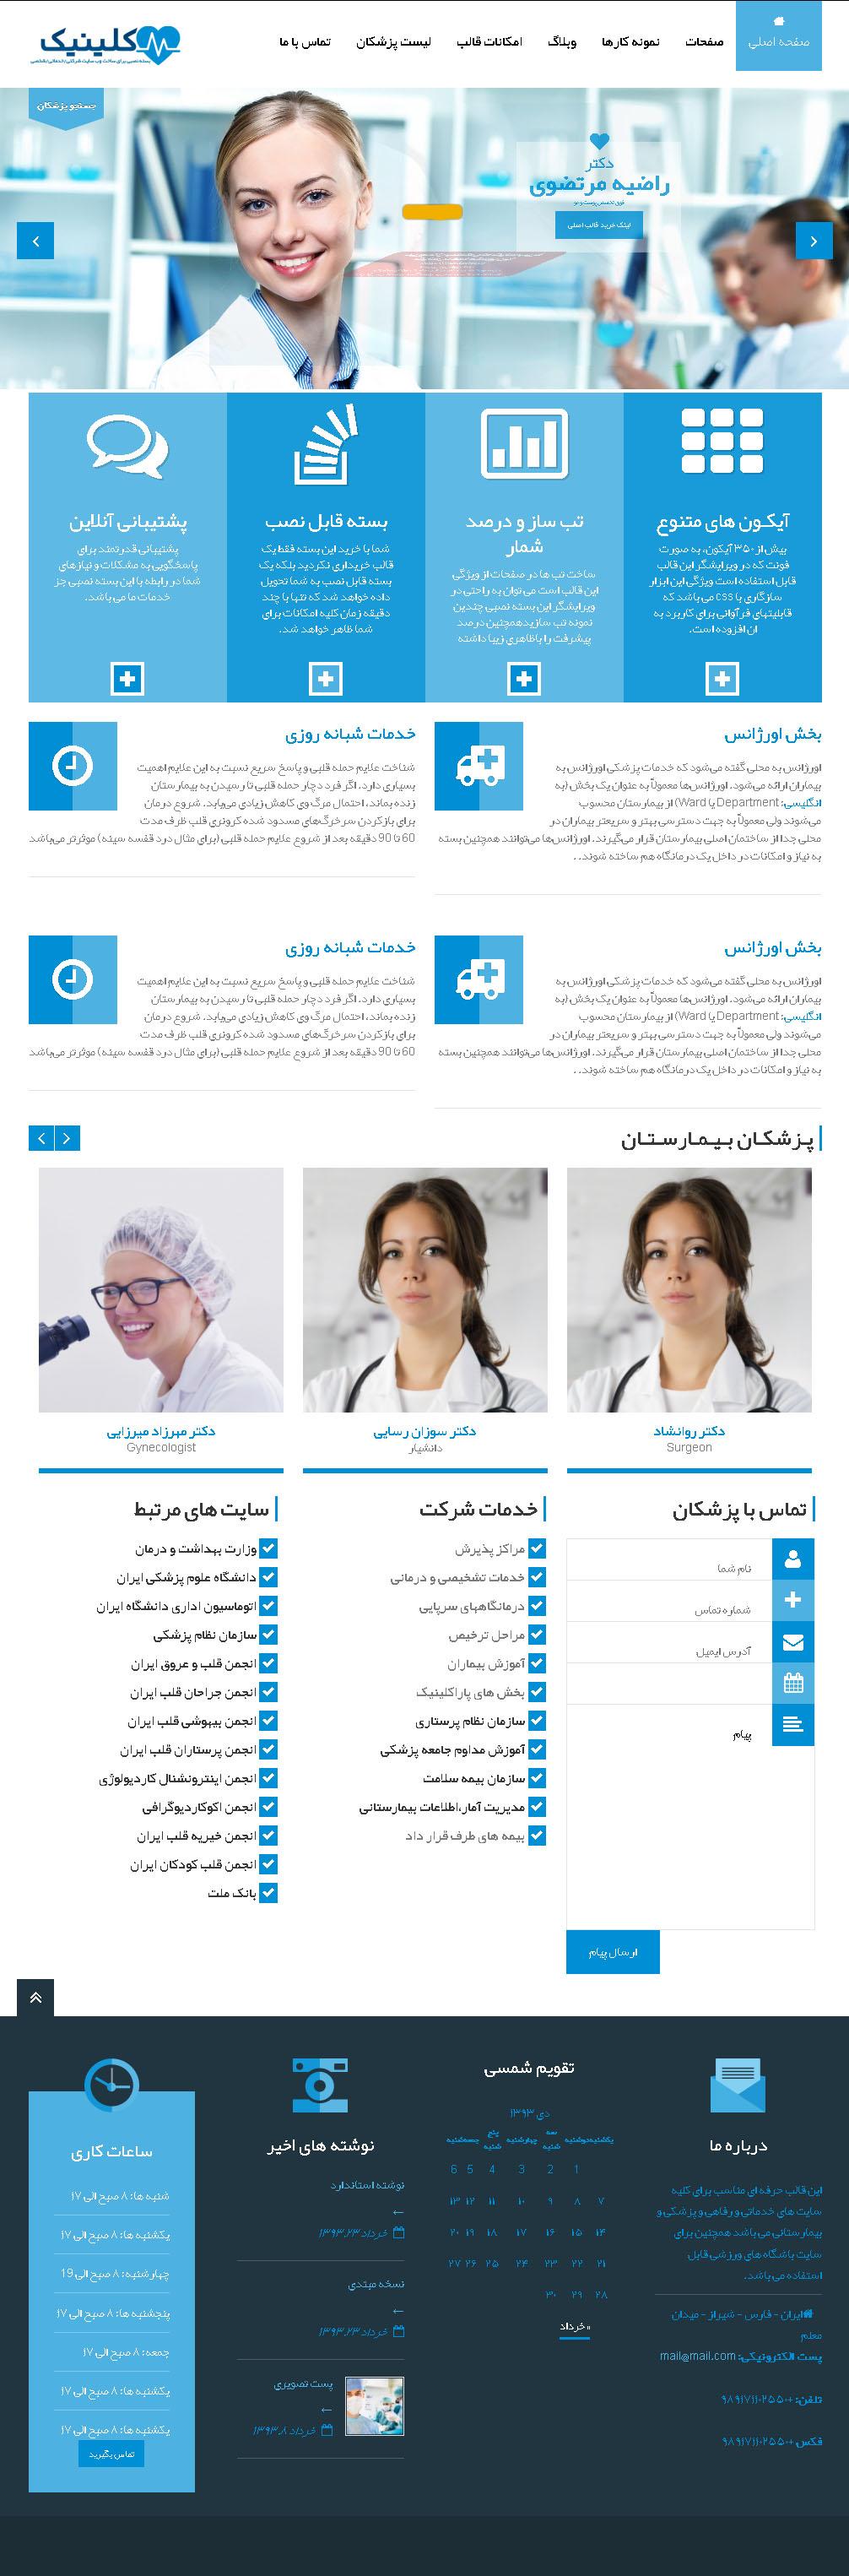 وب سایت مطب مرکز پوست، مو و تناسب اندام پارسیان